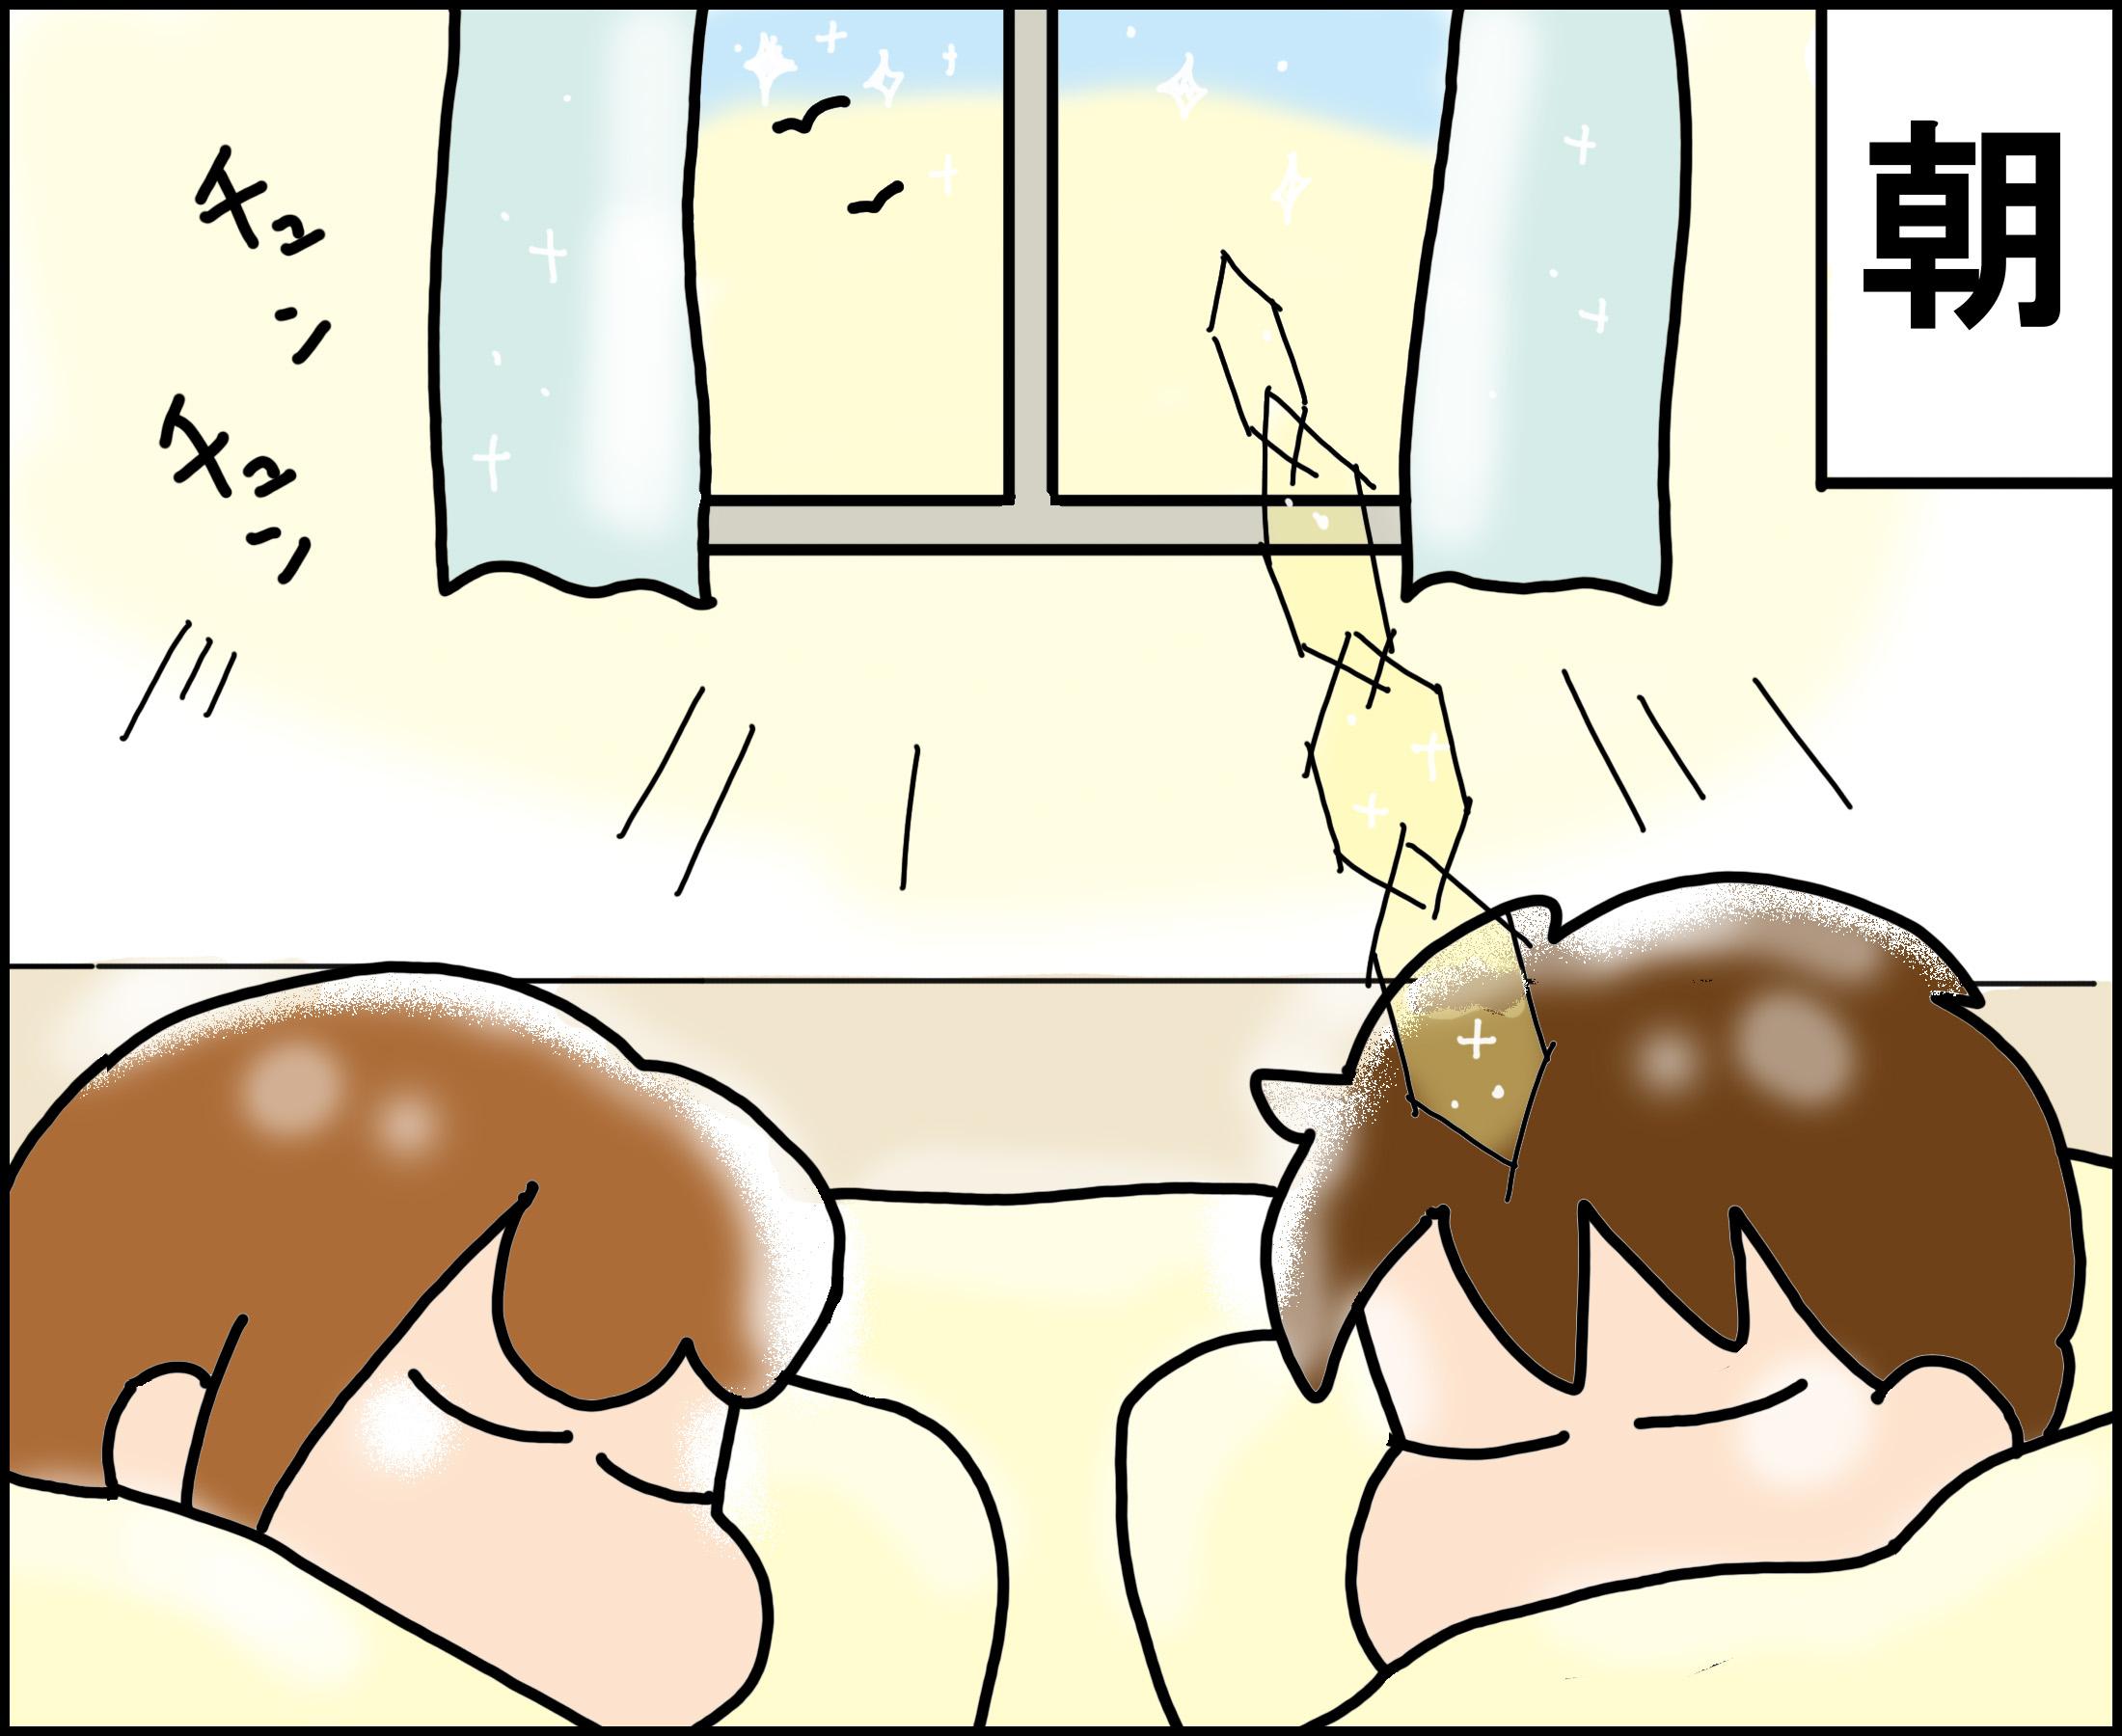 ゆゆ家の男子観察日記 #6「最悪の目覚め」